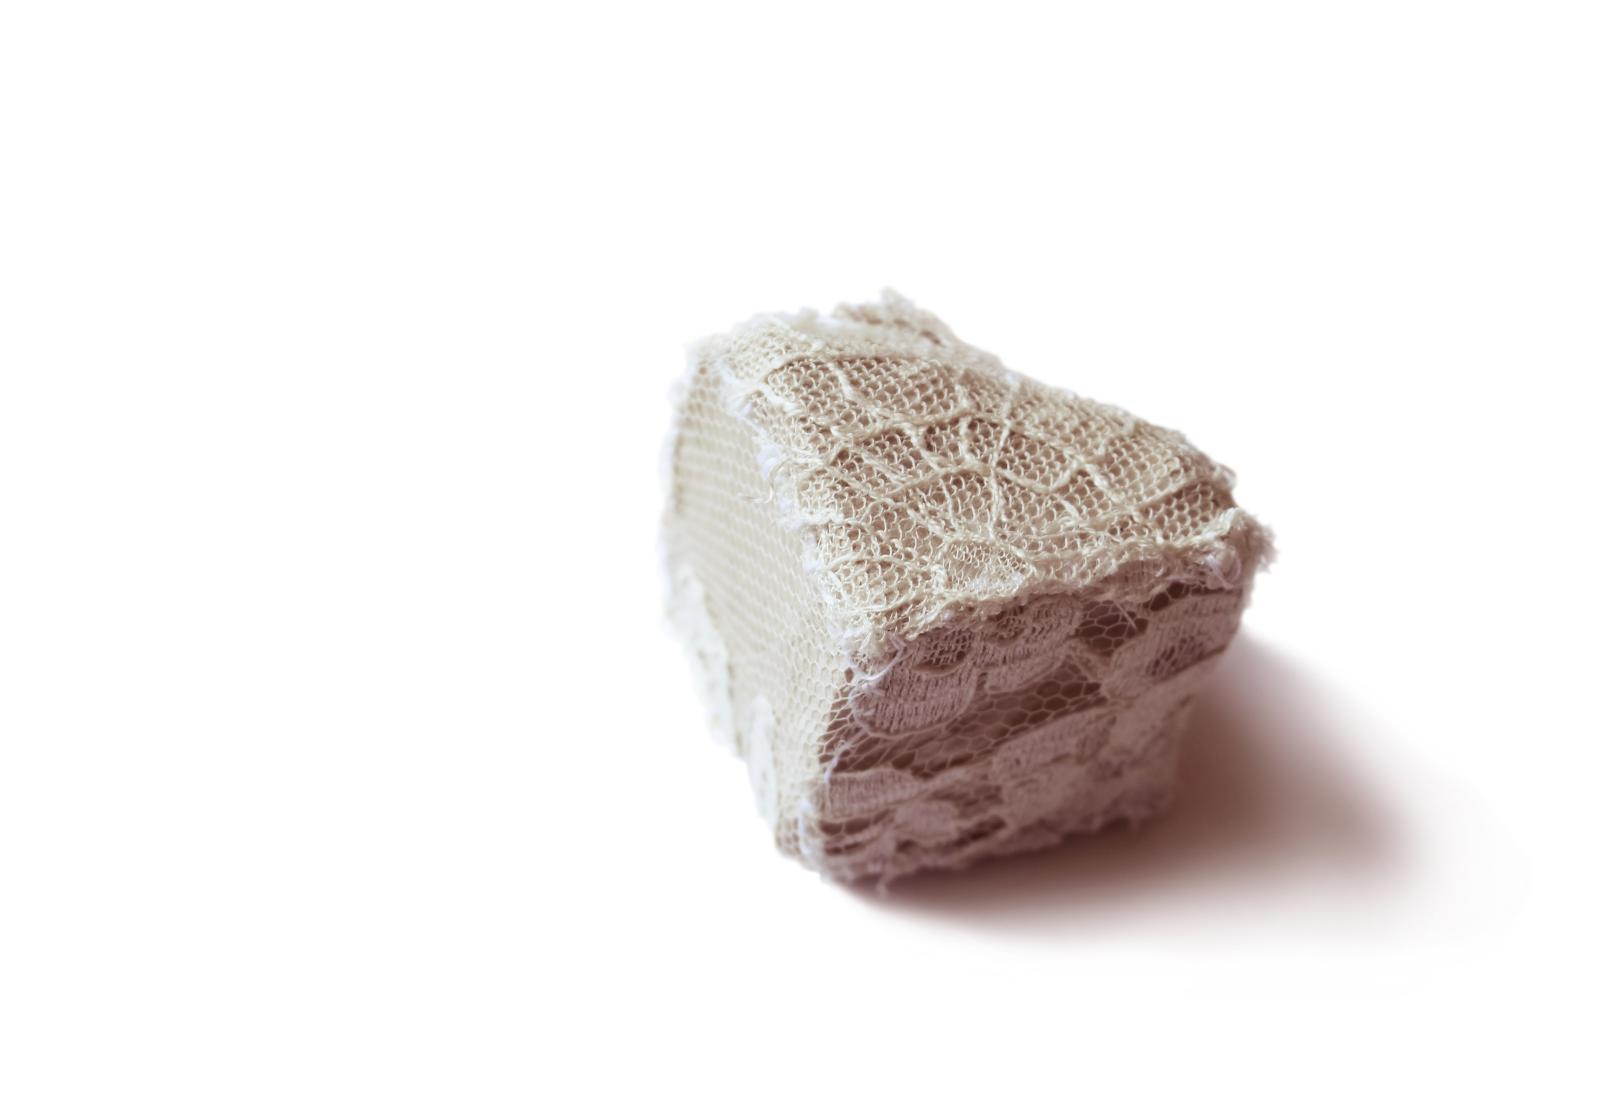 Porto (détail), 2014, pavé, fragments de dentelle, fil de soie, 4x4x4cm. ©Clément H.